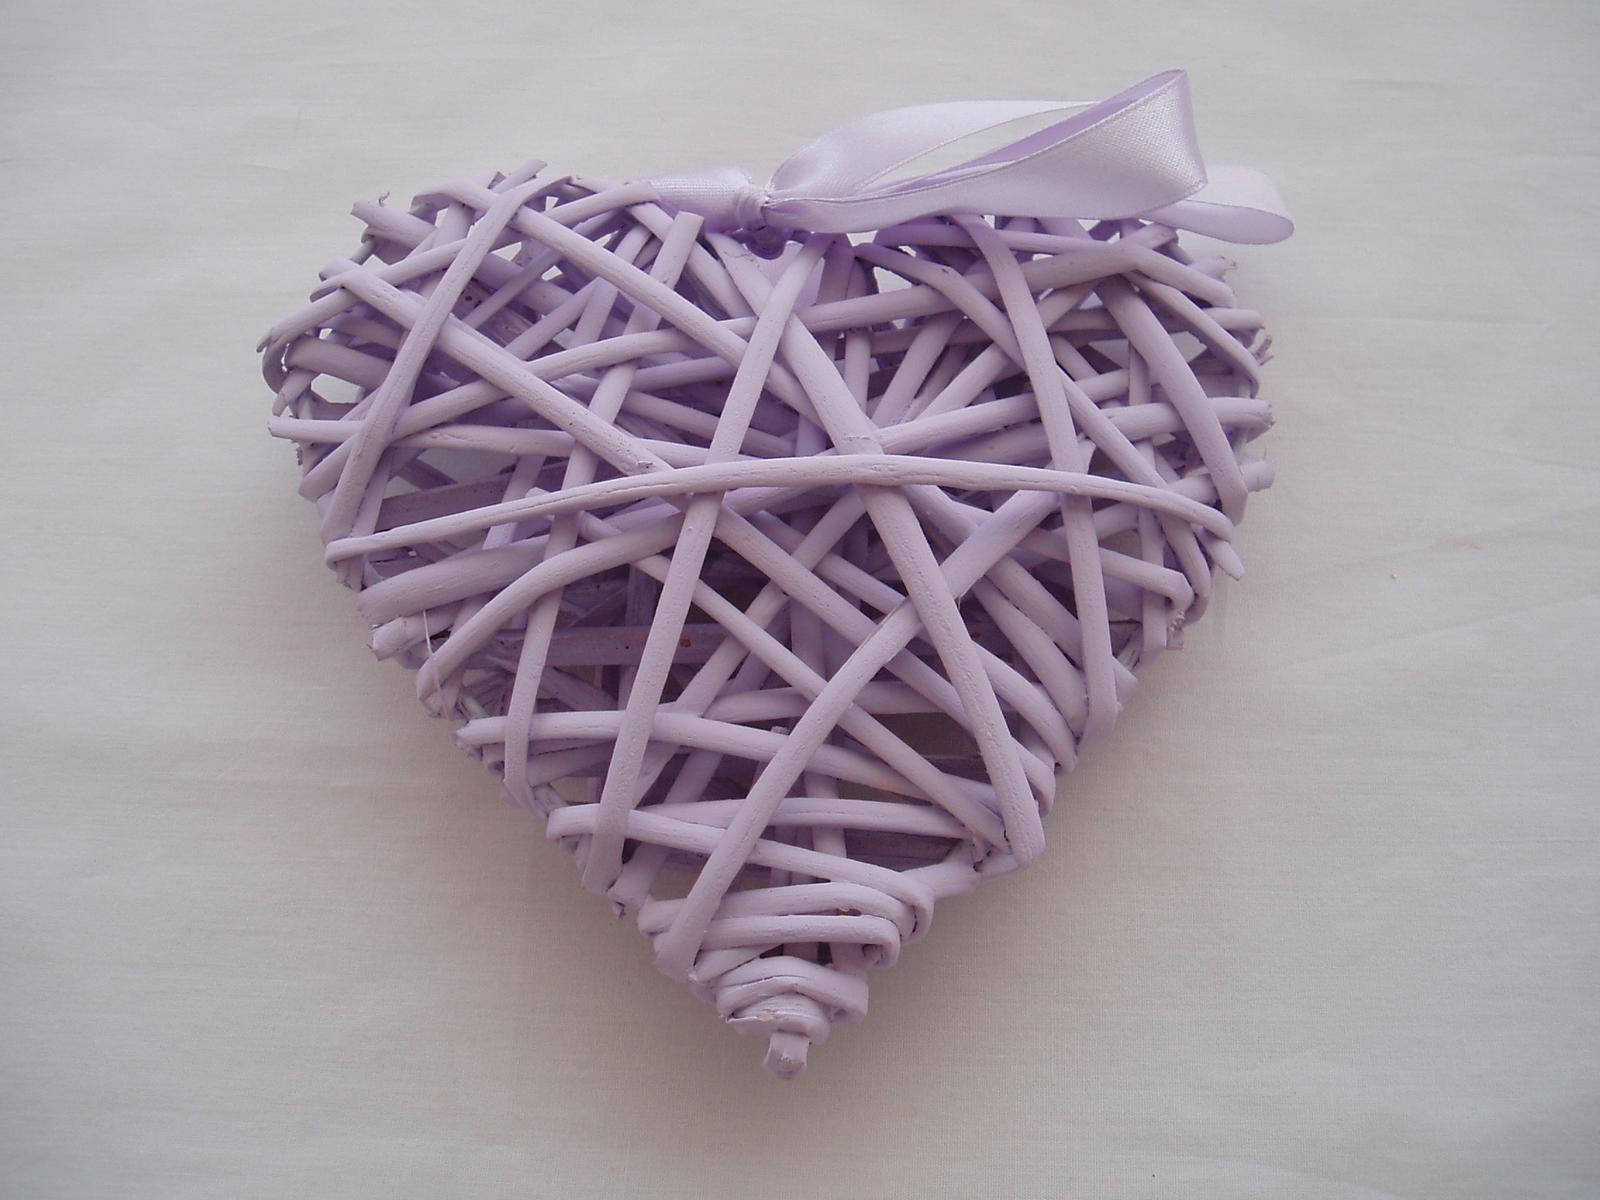 srdce z proutí-lila - Obrázek č. 1